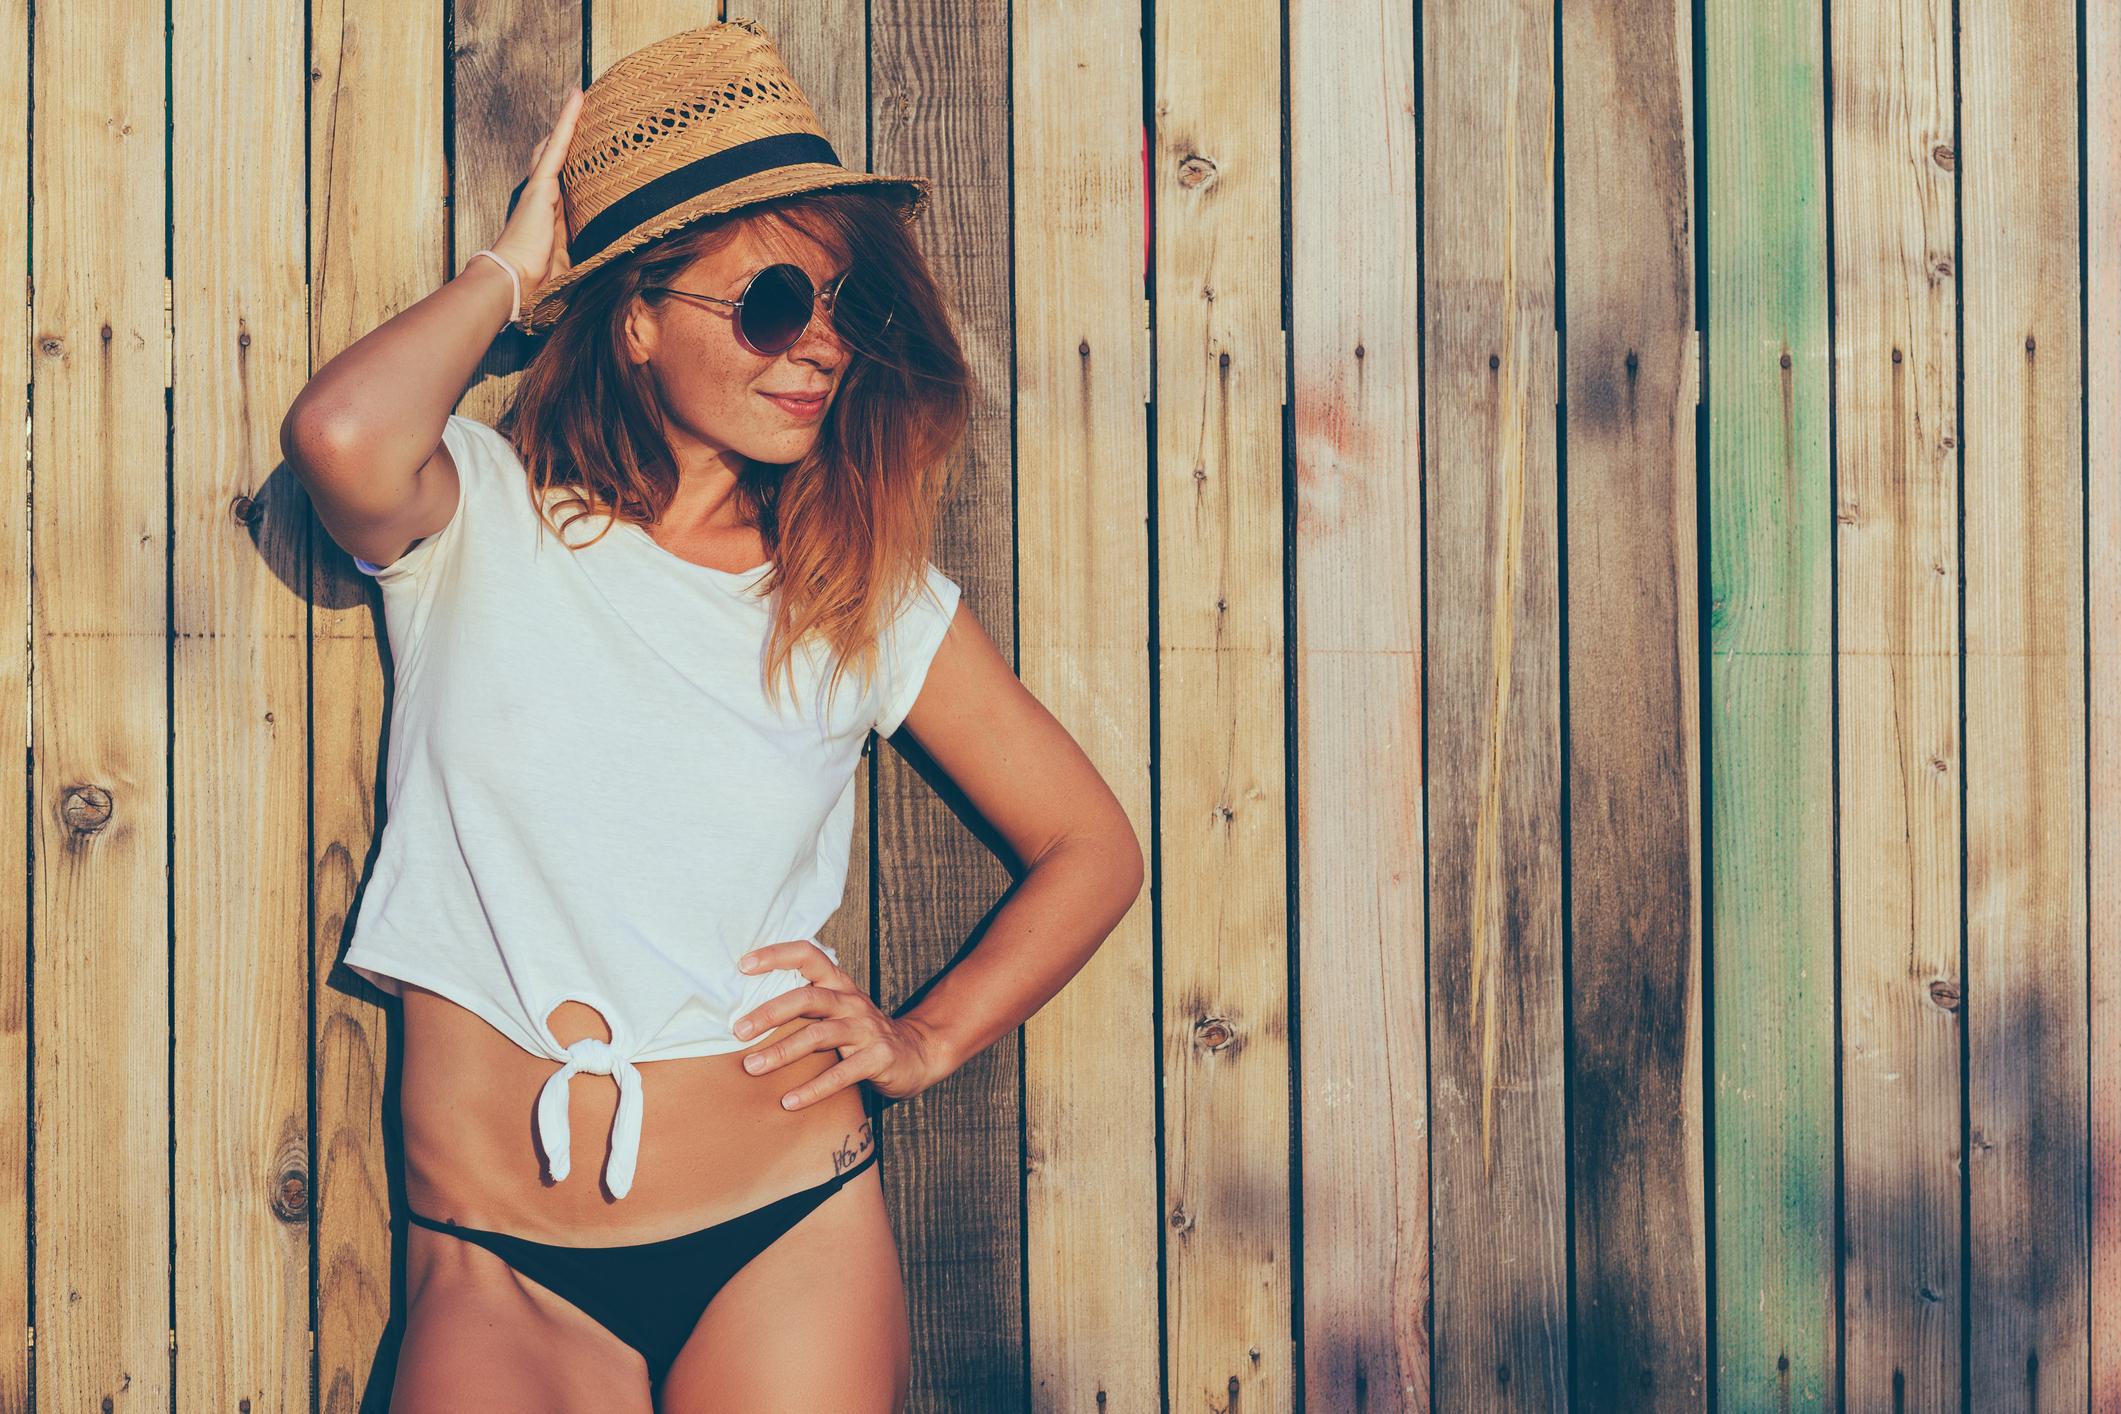 Mulher usando óculos de sol, chapéu e biquíni